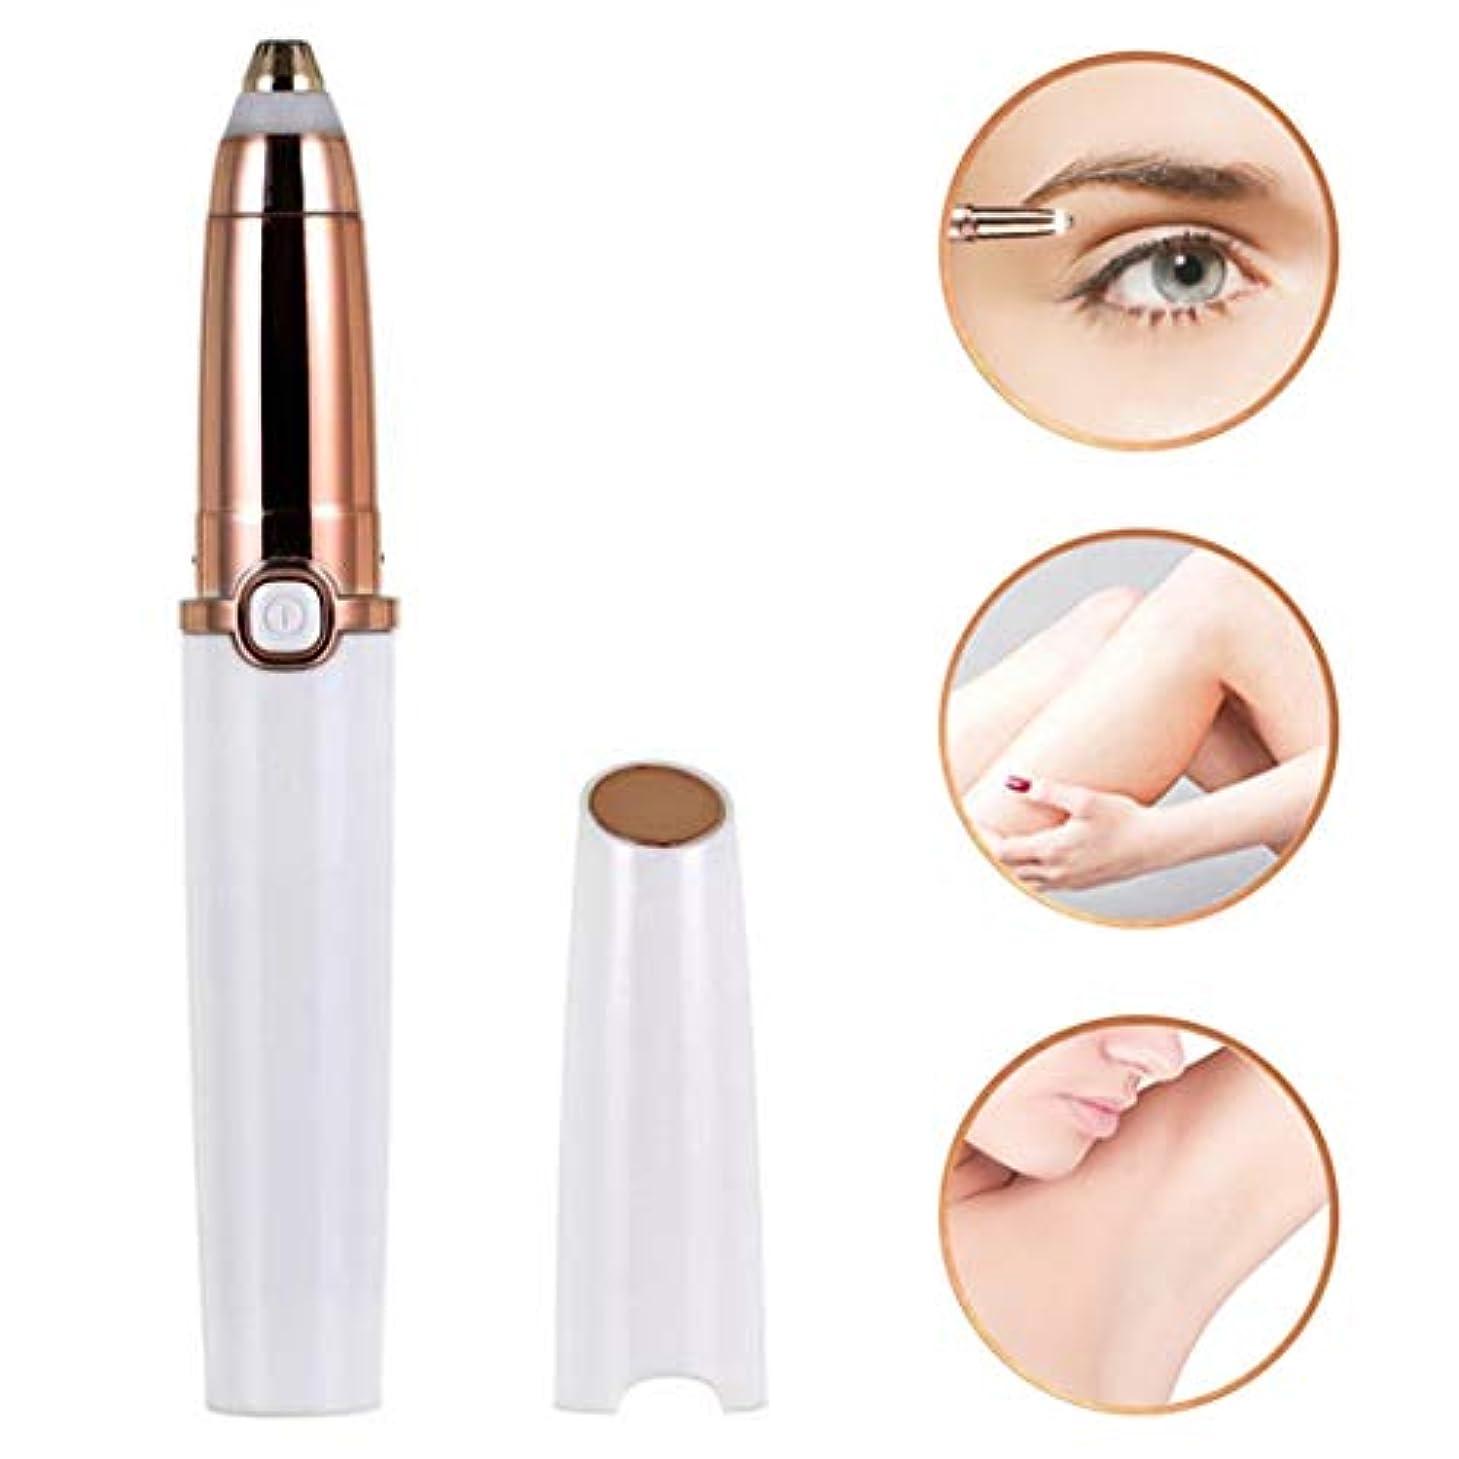 合理化おびえた地元USB充電機能を備えた眉毛トリマー、女性用および男性用のポータブルで安全で痛みのない精密な顔面精密トリマー,白